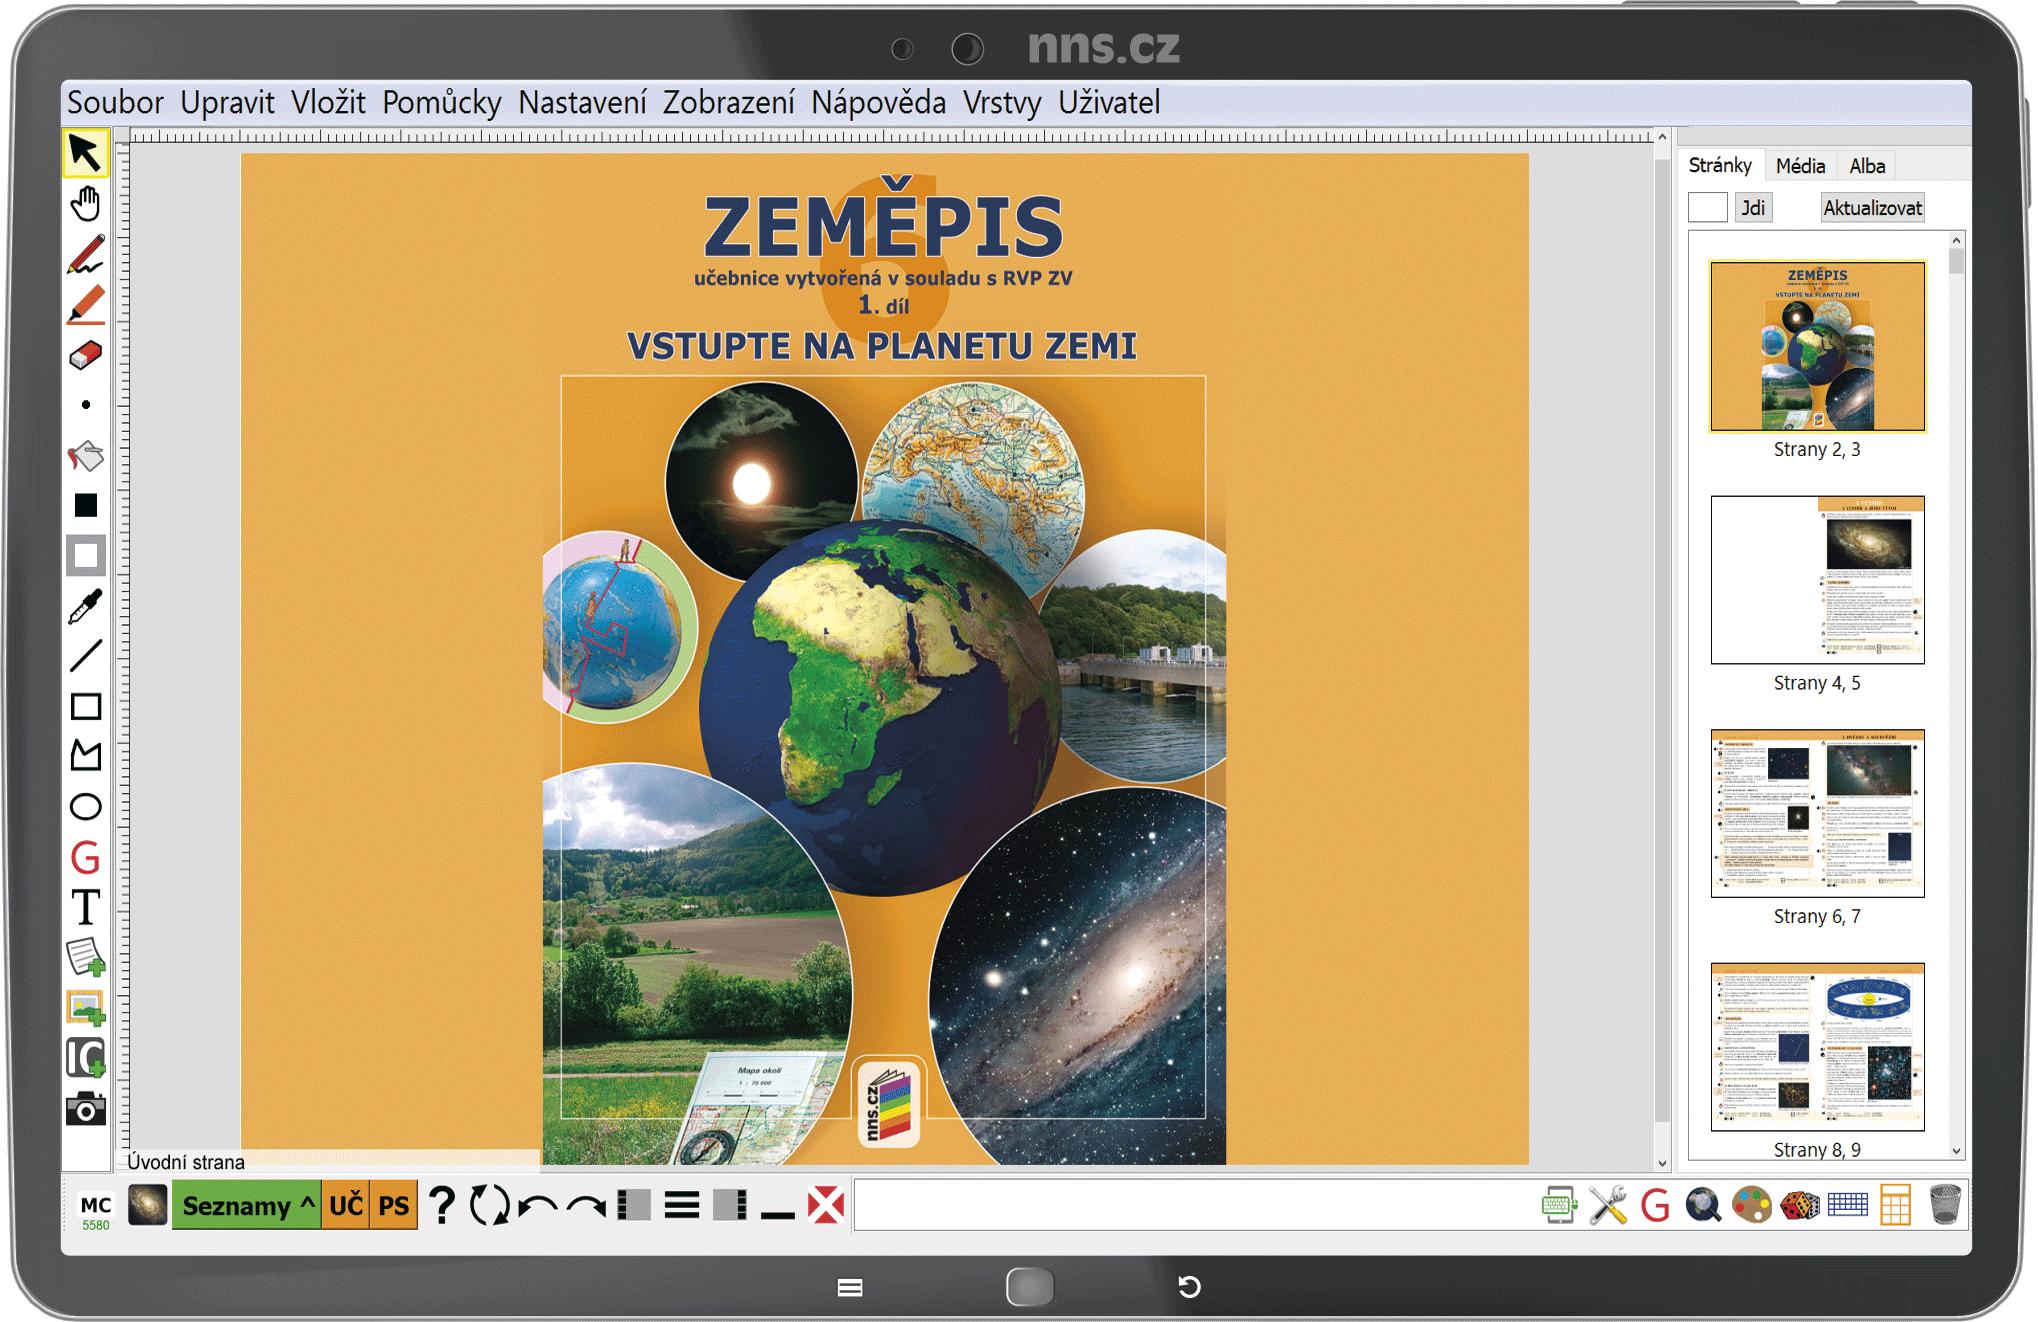 MIUč+ Zeměpis 6, 1. díl - Vstupte na planetu Zemi - žák. licence na 1 šk. rok